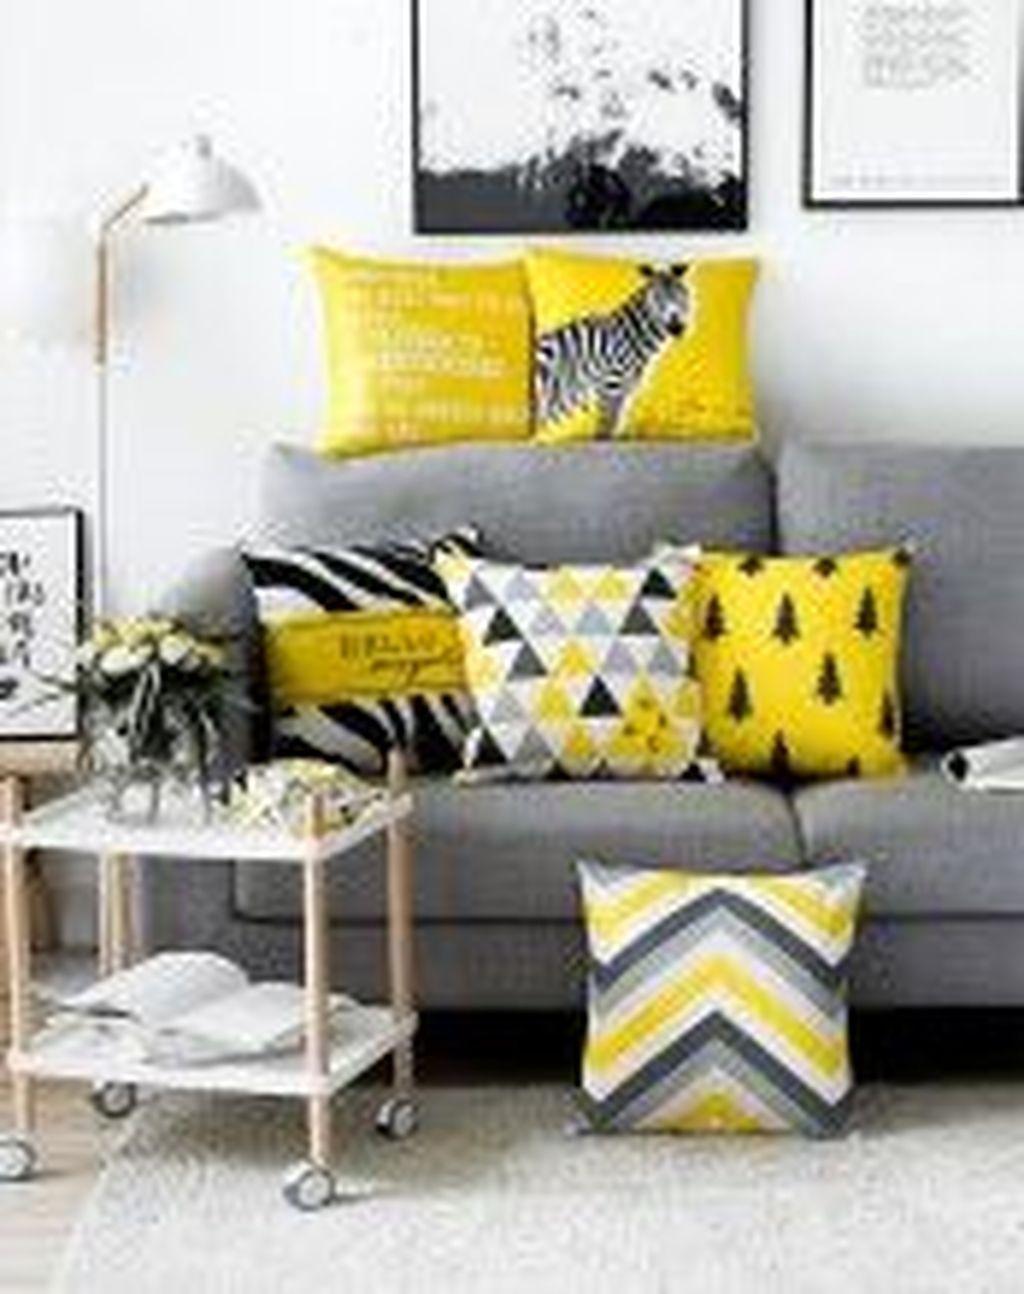 40 Stunning Zebra Print Ideas For Living Room Decoration Yellow Living Room Living Room Decor Zebra Room Decor Living room ideas zebra